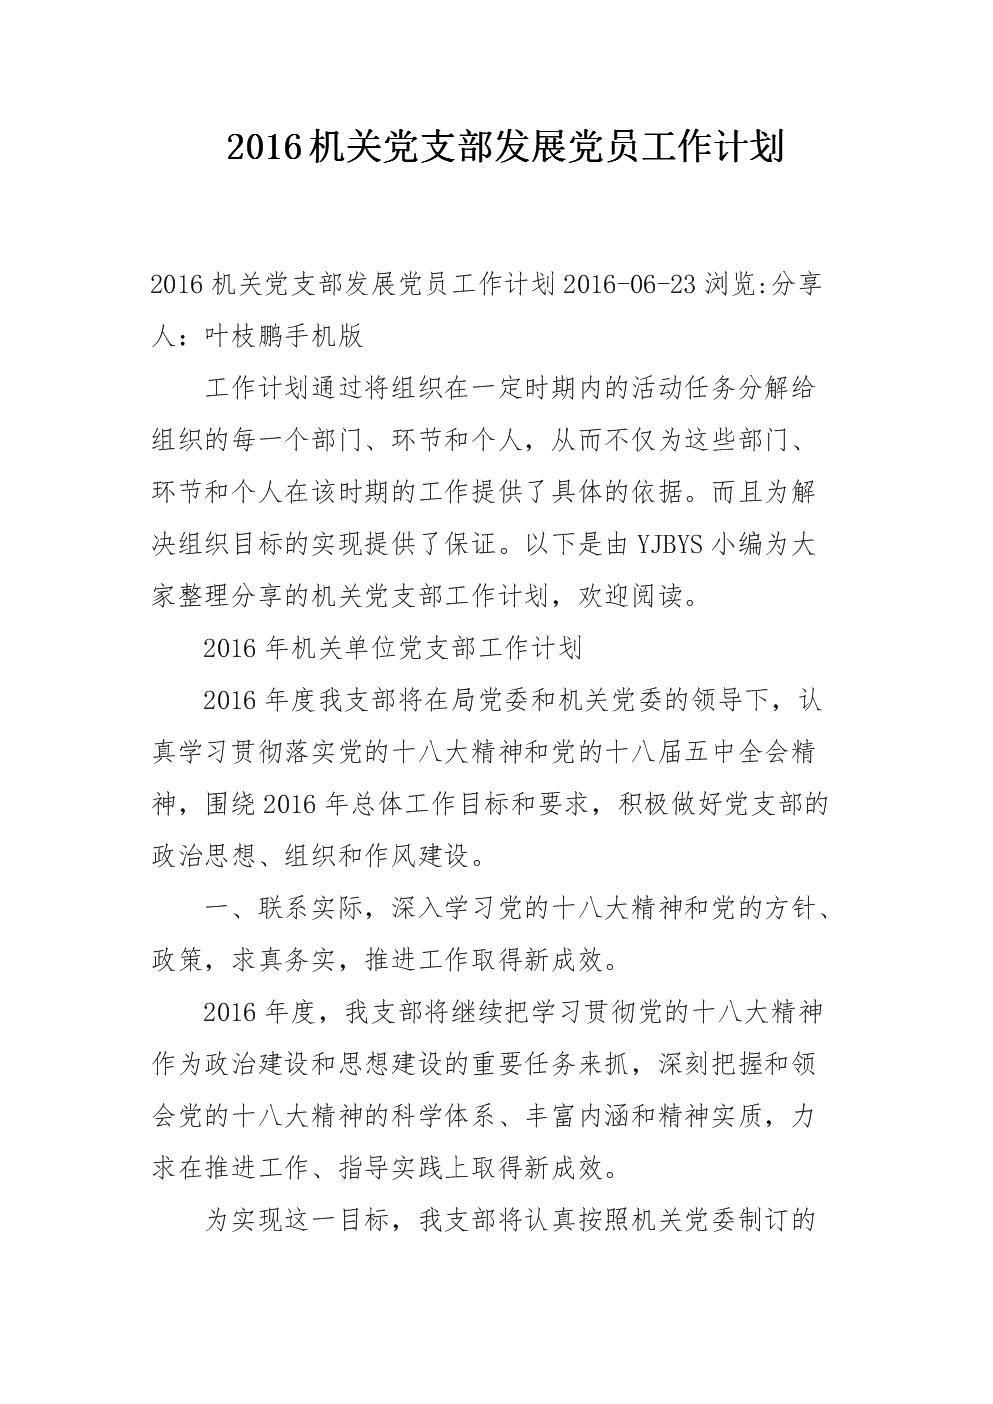 2016机关党支部发展党员工作计划.docx